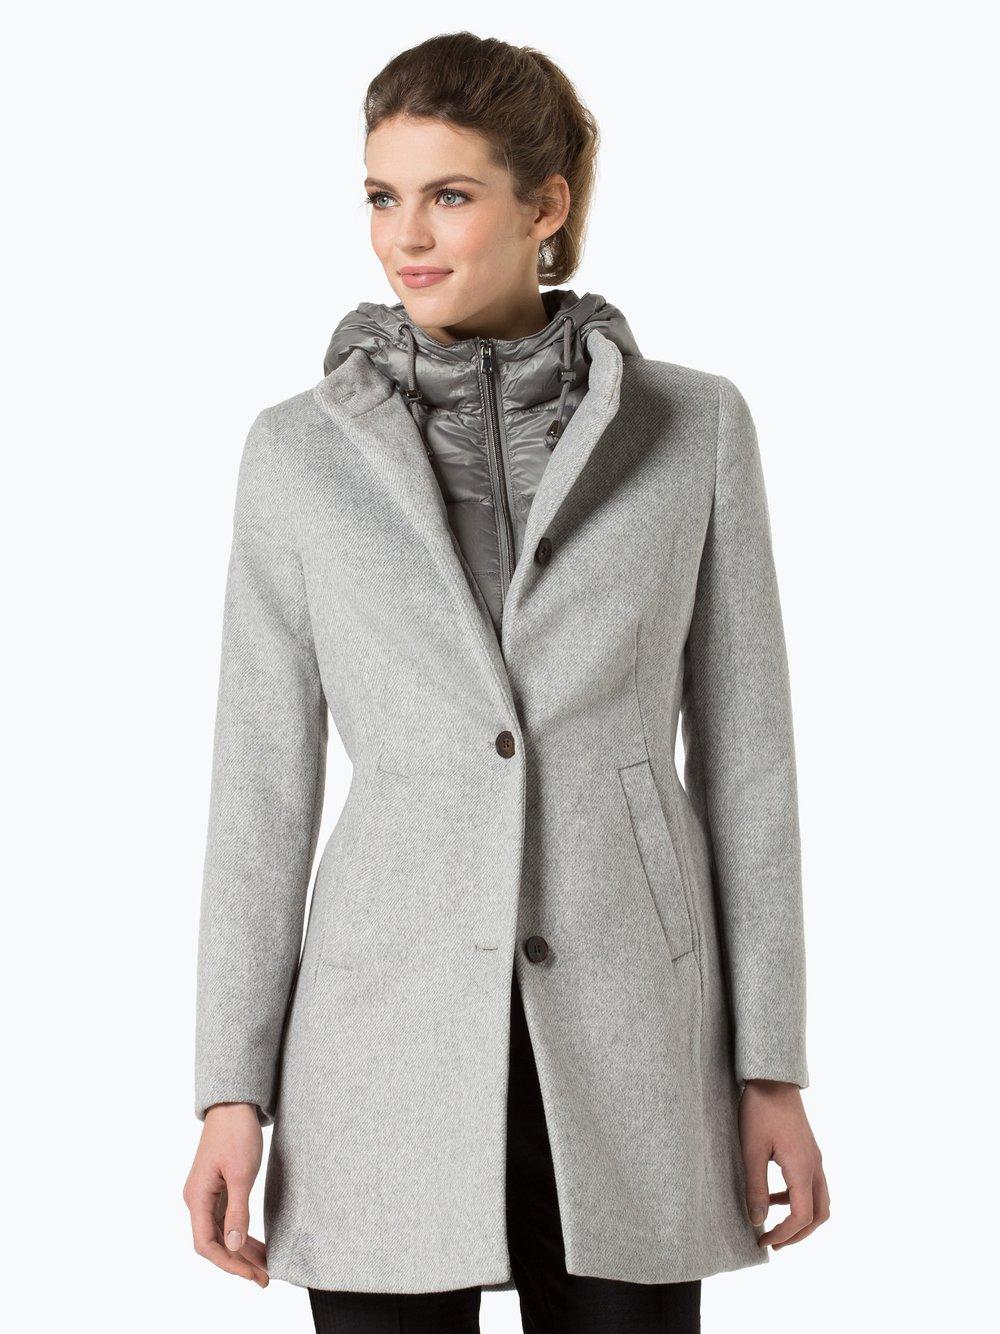 best service b0c45 aa3d5 Esprit Mantel Grau Wolle